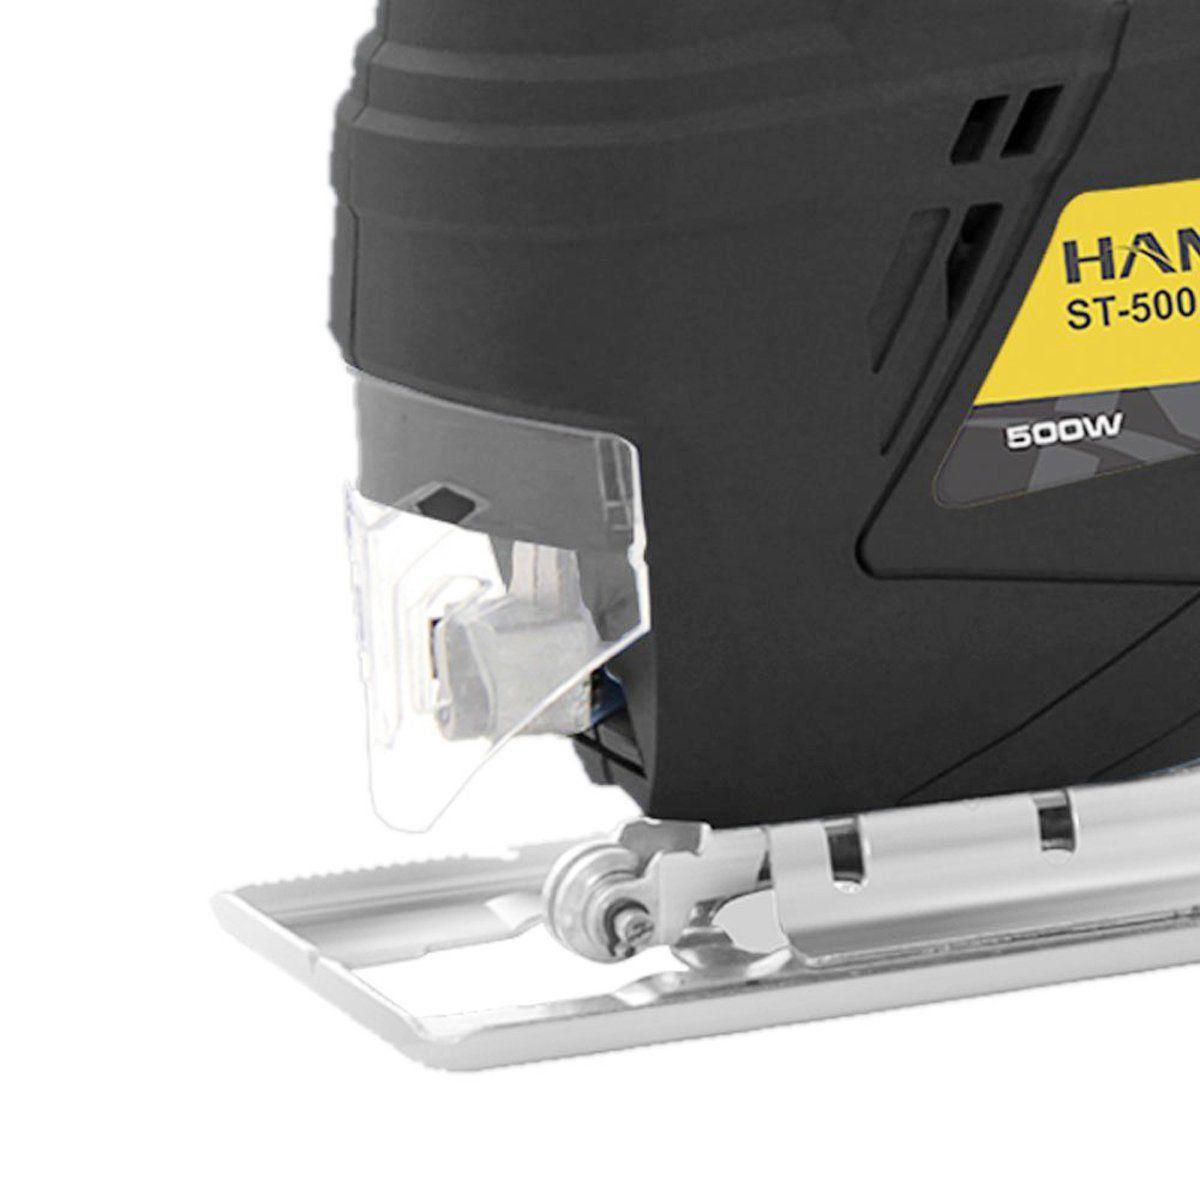 Serra Tico Tico Madeira Alumínio Aço 500w Hammer St500 220v  - EMPORIO K